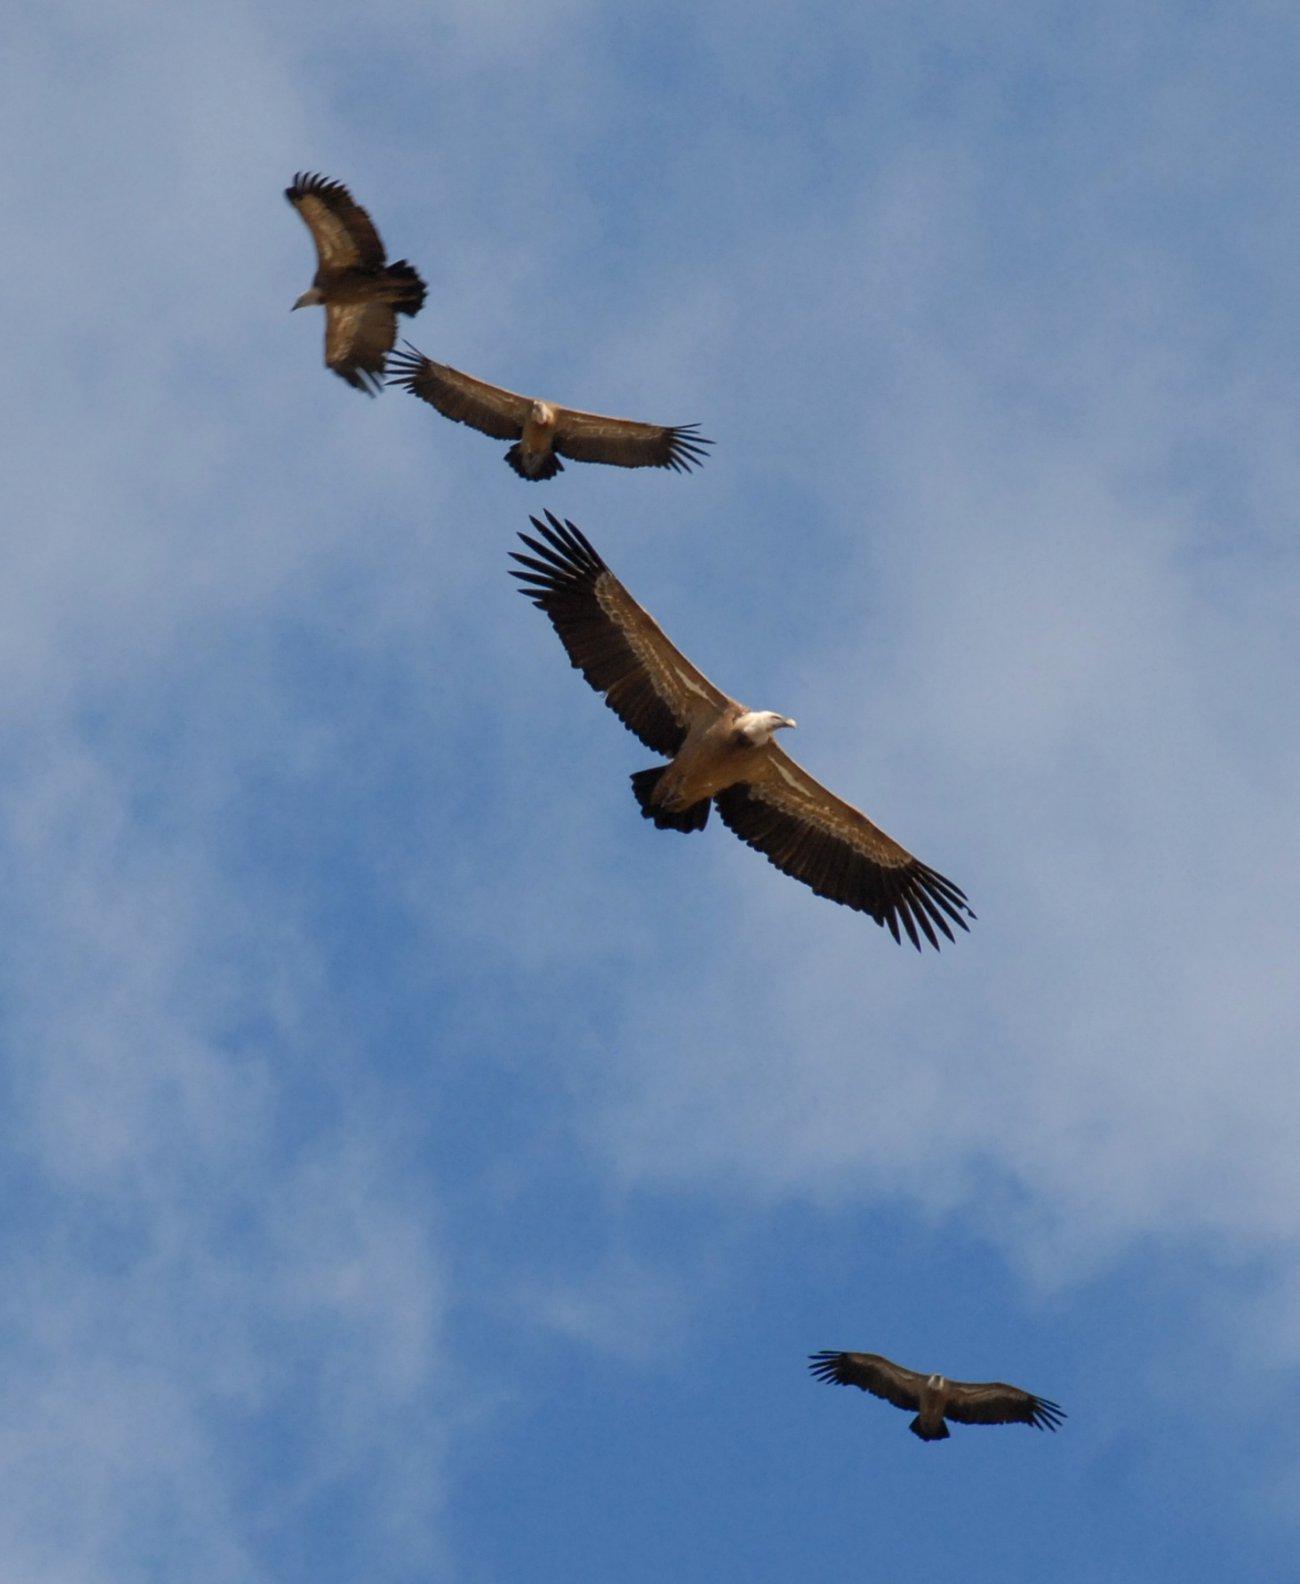 Parque Nacional de Monfragüe: Buitres